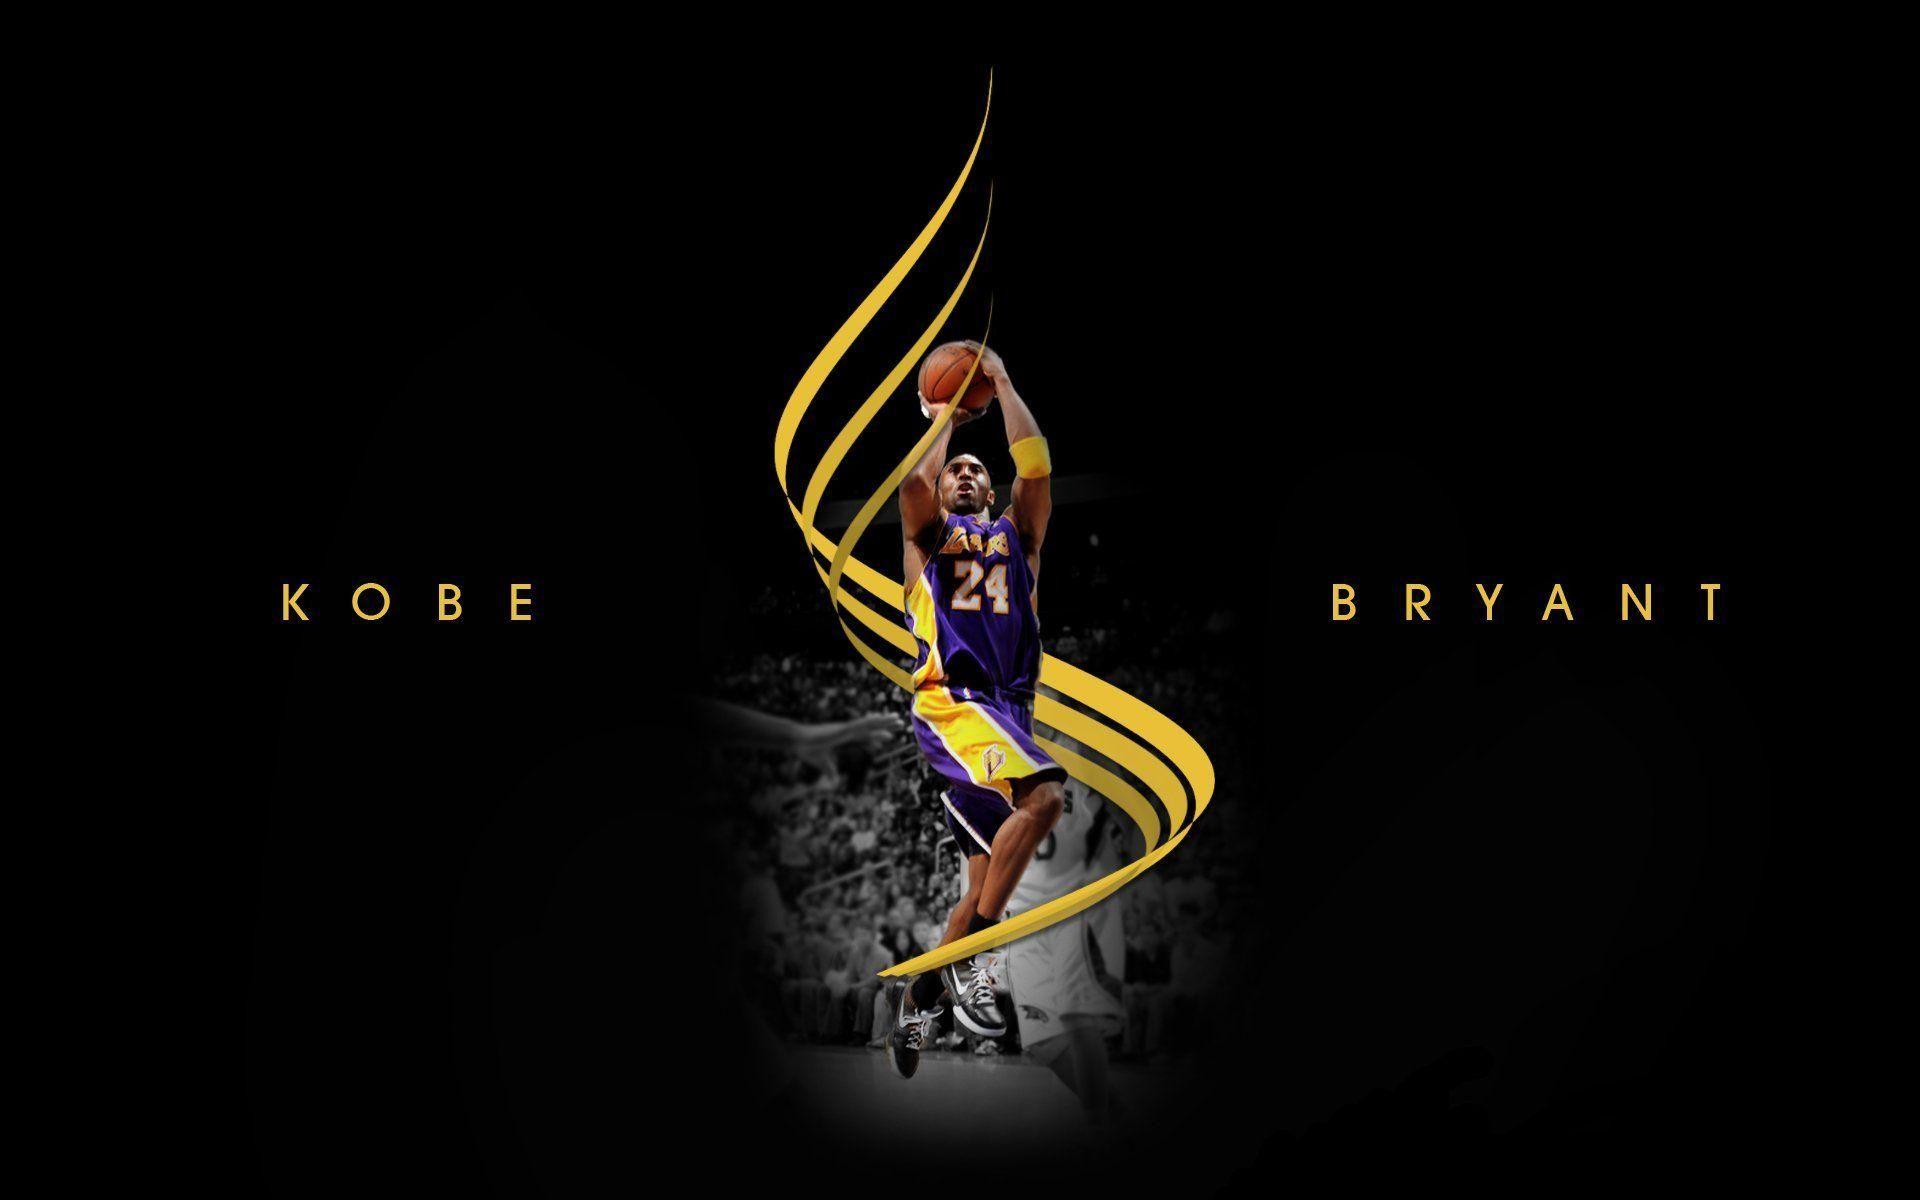 Nike Kobe Bryant Wallpapers Wallpaper Cave Kobe Bryant Wallpaper Kobe Bryant Kobe Bryant Dunk